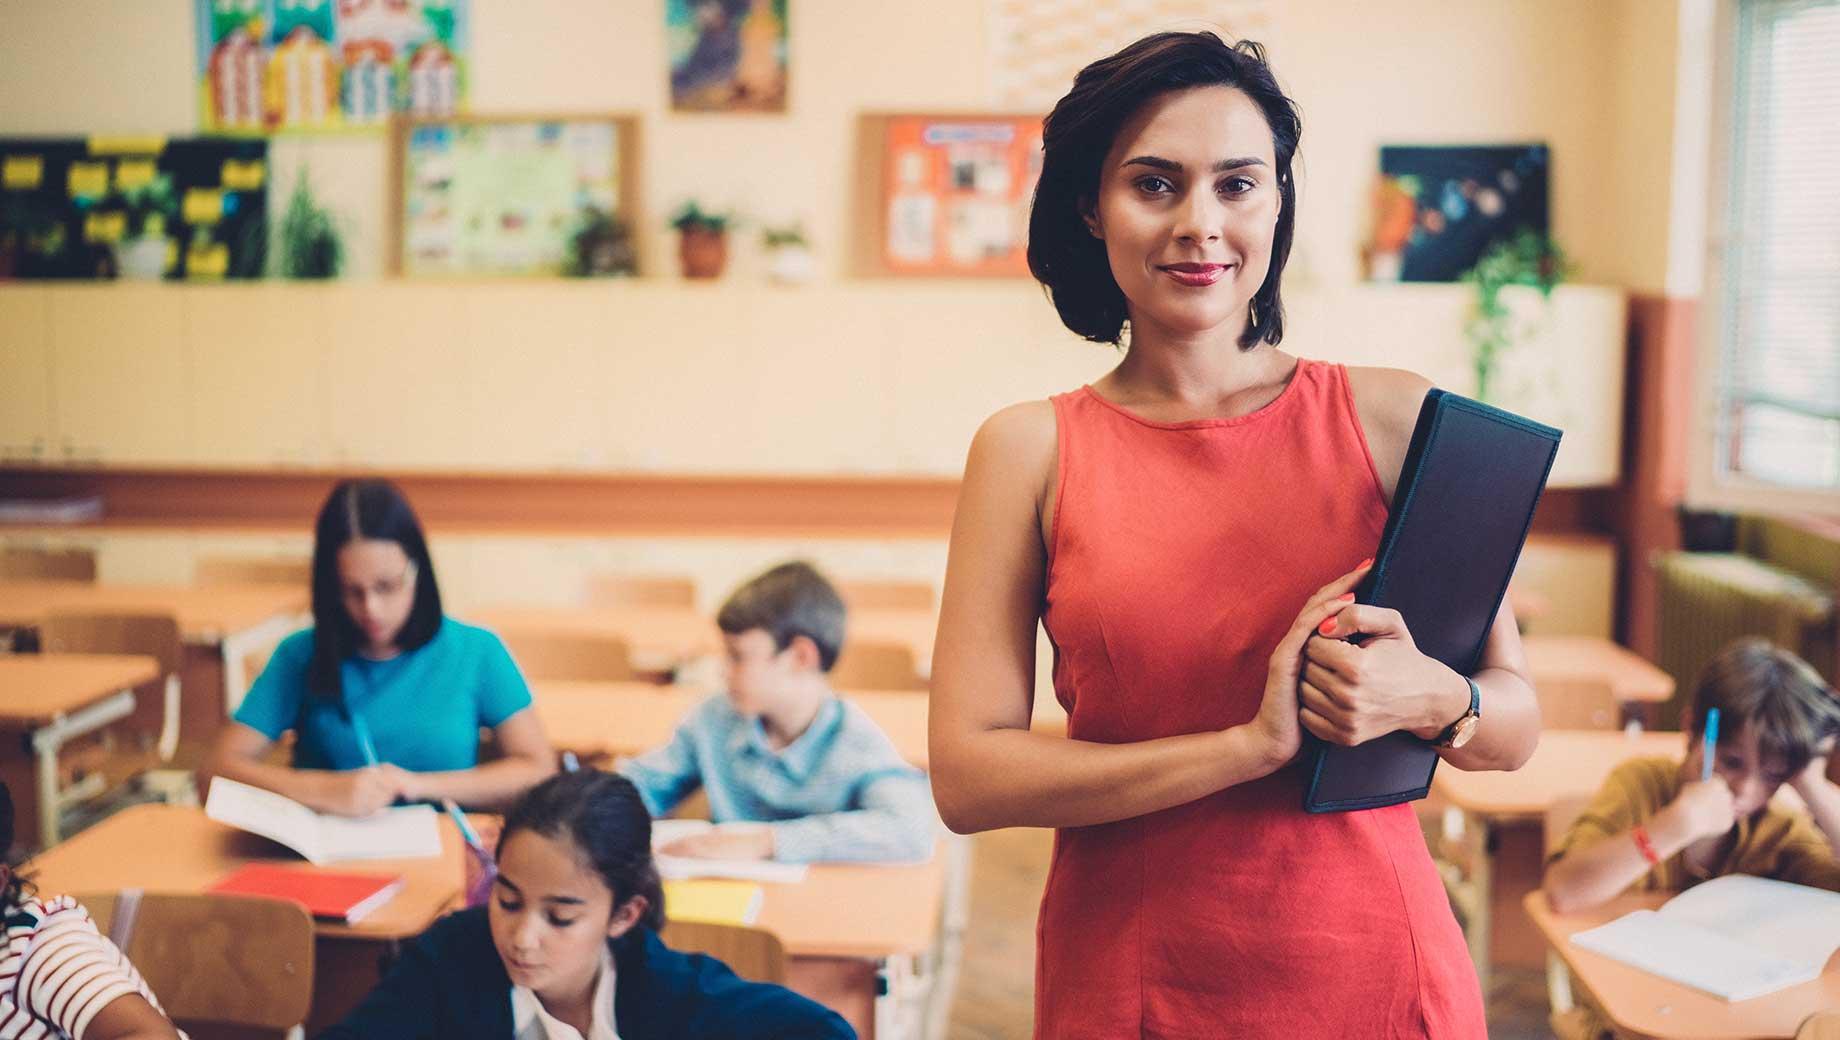 BİLSEM öğretmen mülakat tarihleri 2021 |BİLSEM sözlü mülakat ne zaman?